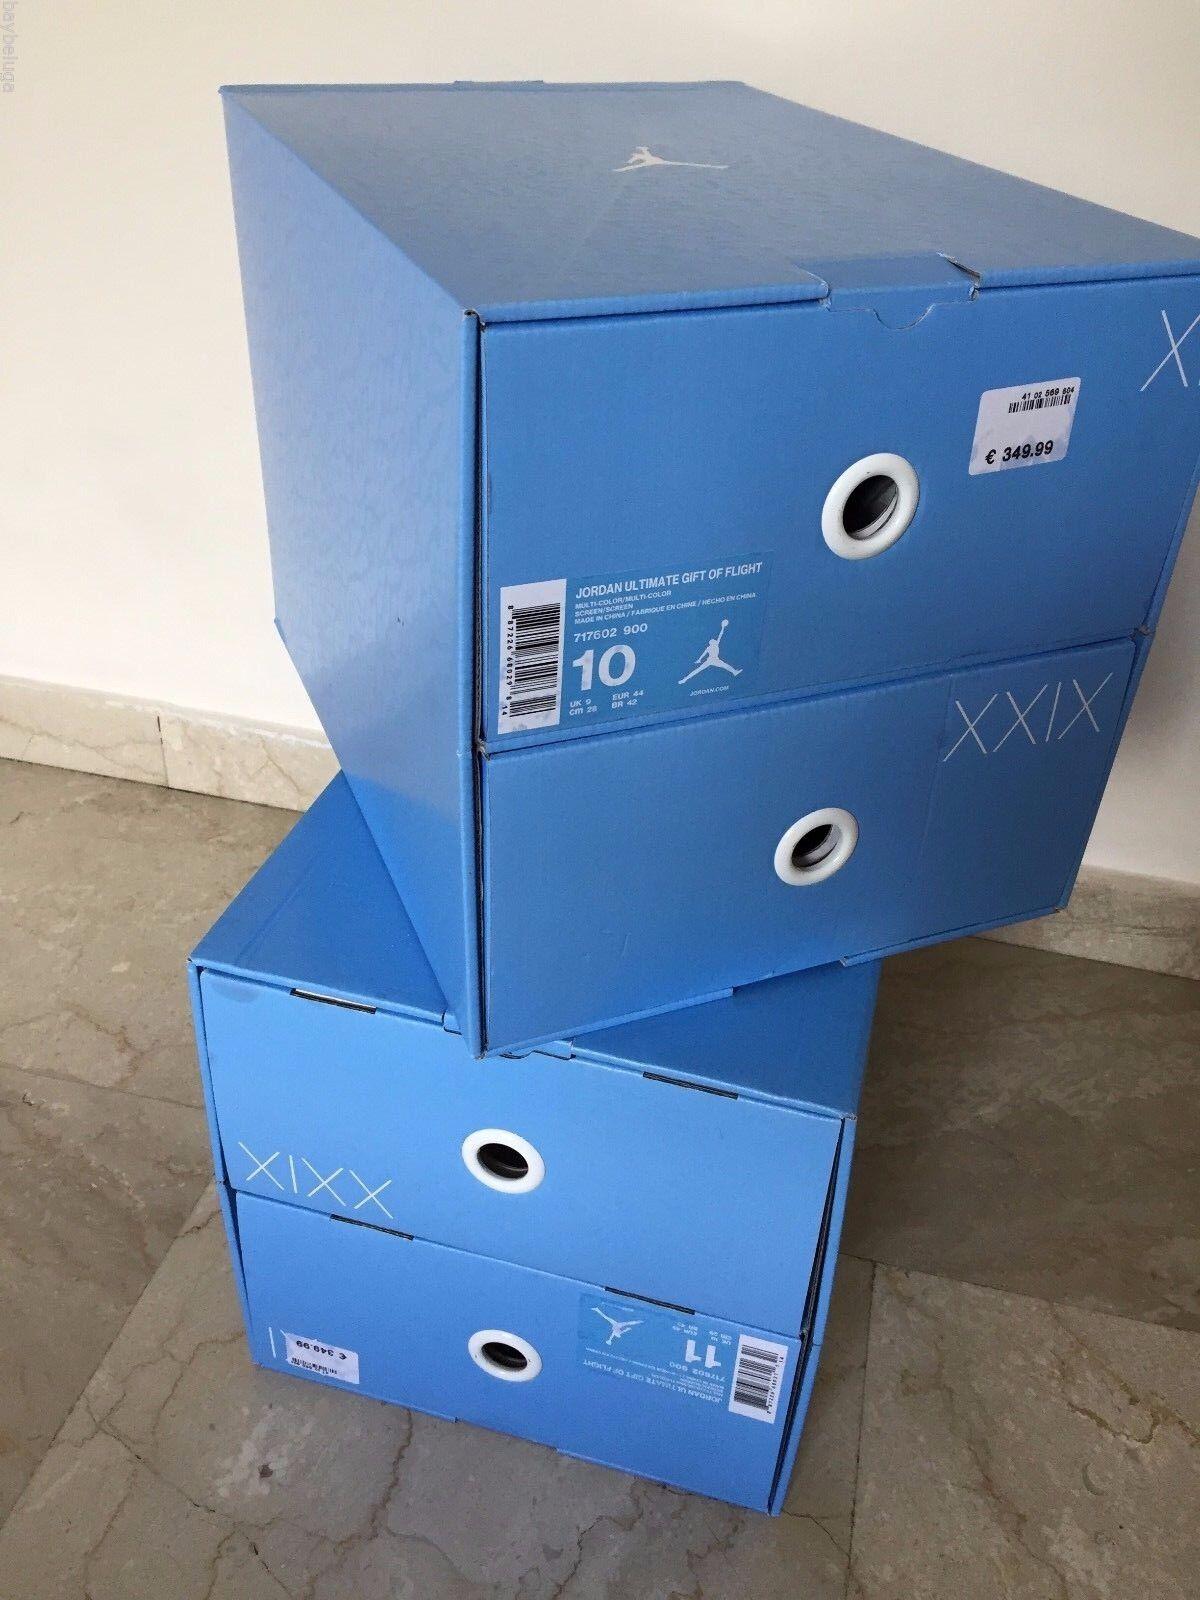 Nike Air Jordan XI Retro 11 XX9 Pantone Pack Ultimate Gift of Flight size 11